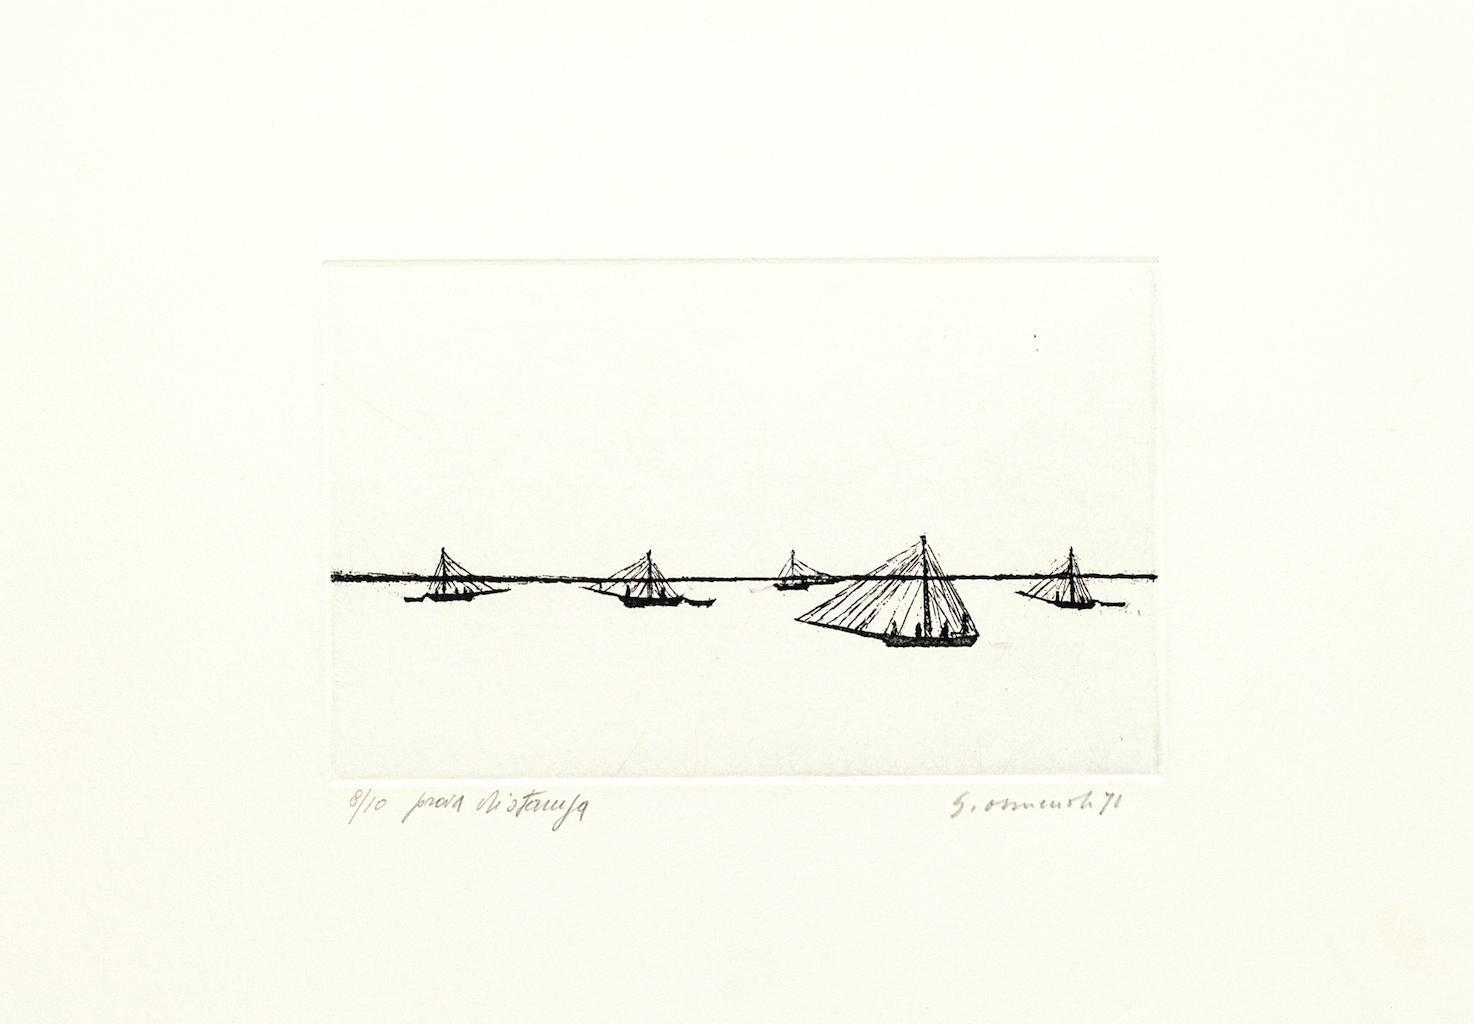 Fishing - Original Etching on Cardboard by Giovanni Omiccioli - 1971